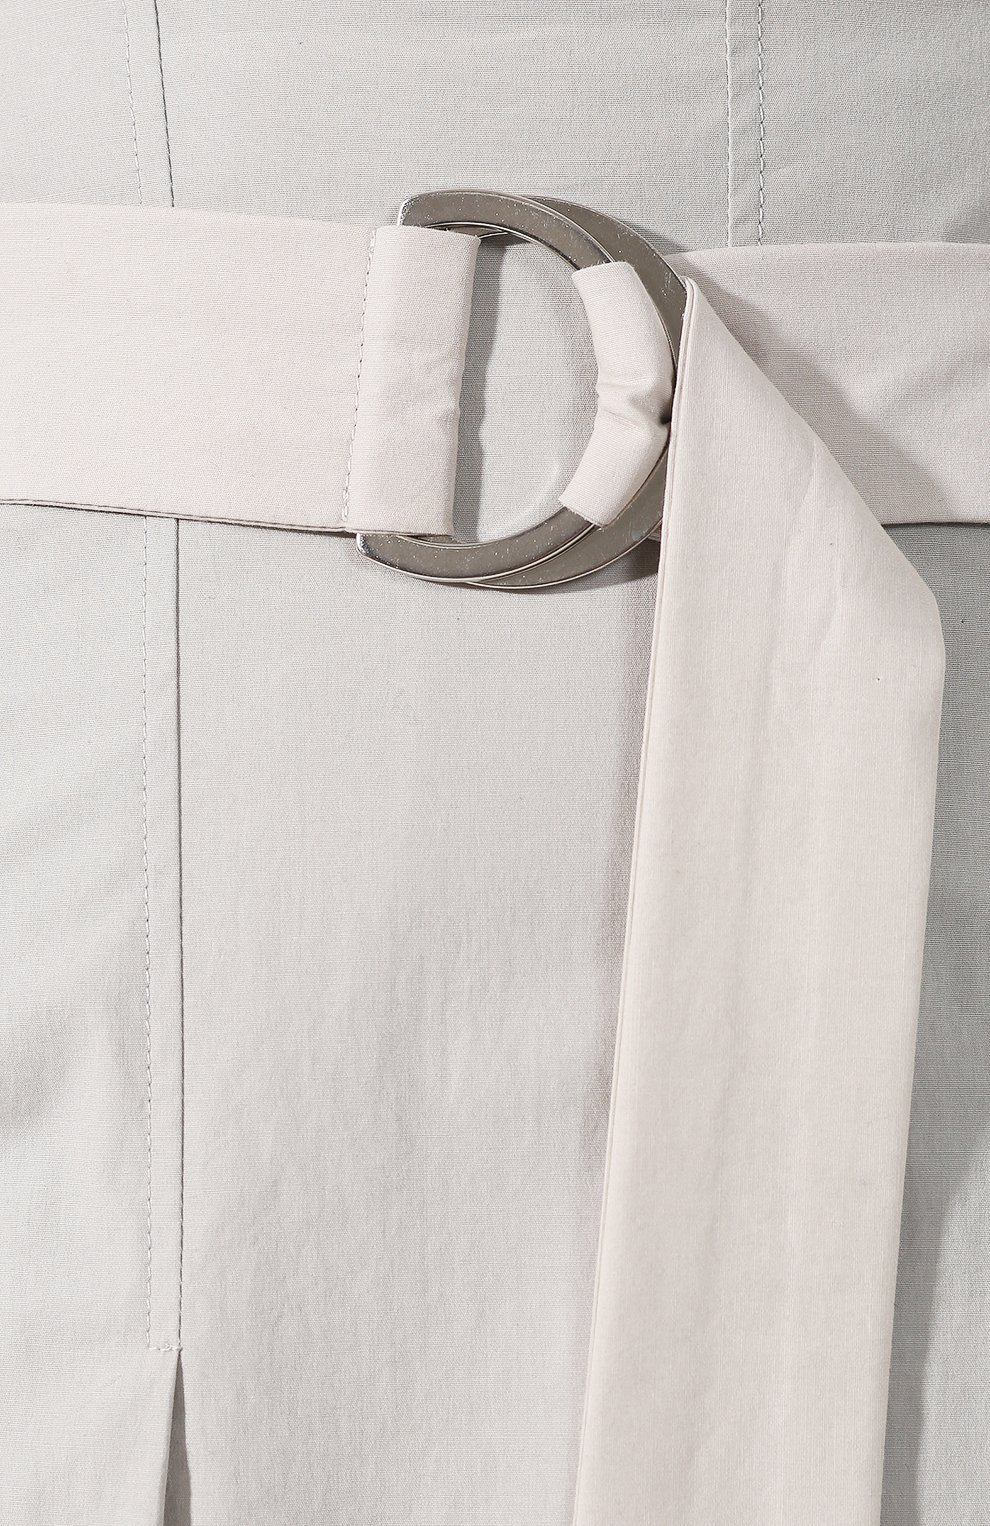 Женская хлопковая юбка LORENA ANTONIAZZI светло-серого цвета, арт. E2005G0016/3193 | Фото 5 (Женское Кросс-КТ: Юбка-одежда; Материал внешний: Хлопок; Длина Ж (юбки, платья, шорты): Миди)